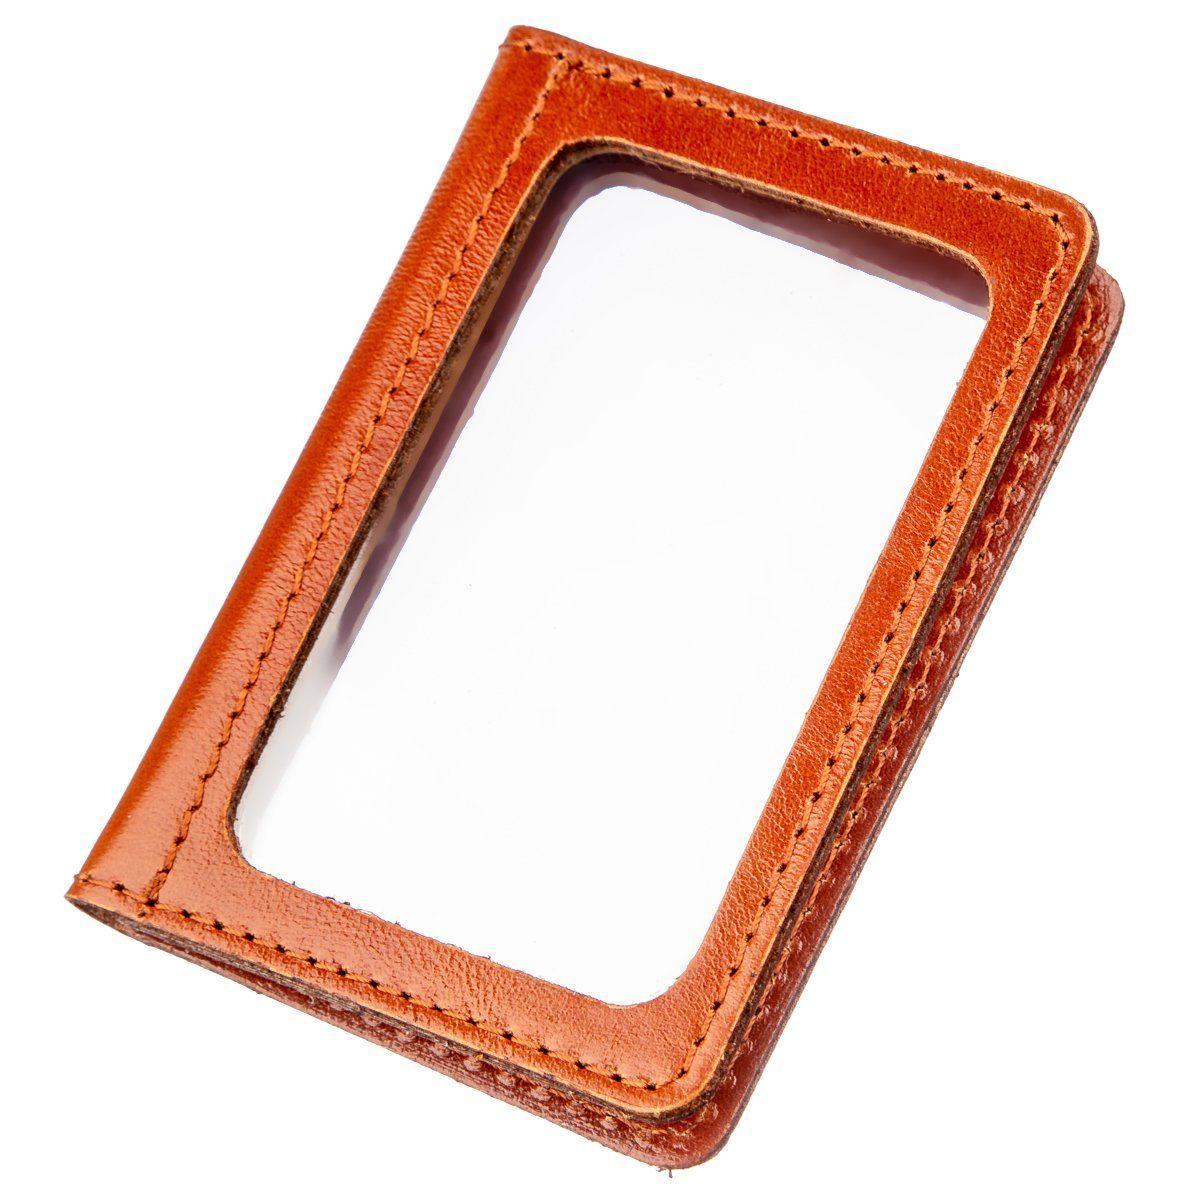 Обложка для пластиковых документов водителя или ID-карты SHVIGEL 13963 Коричневая